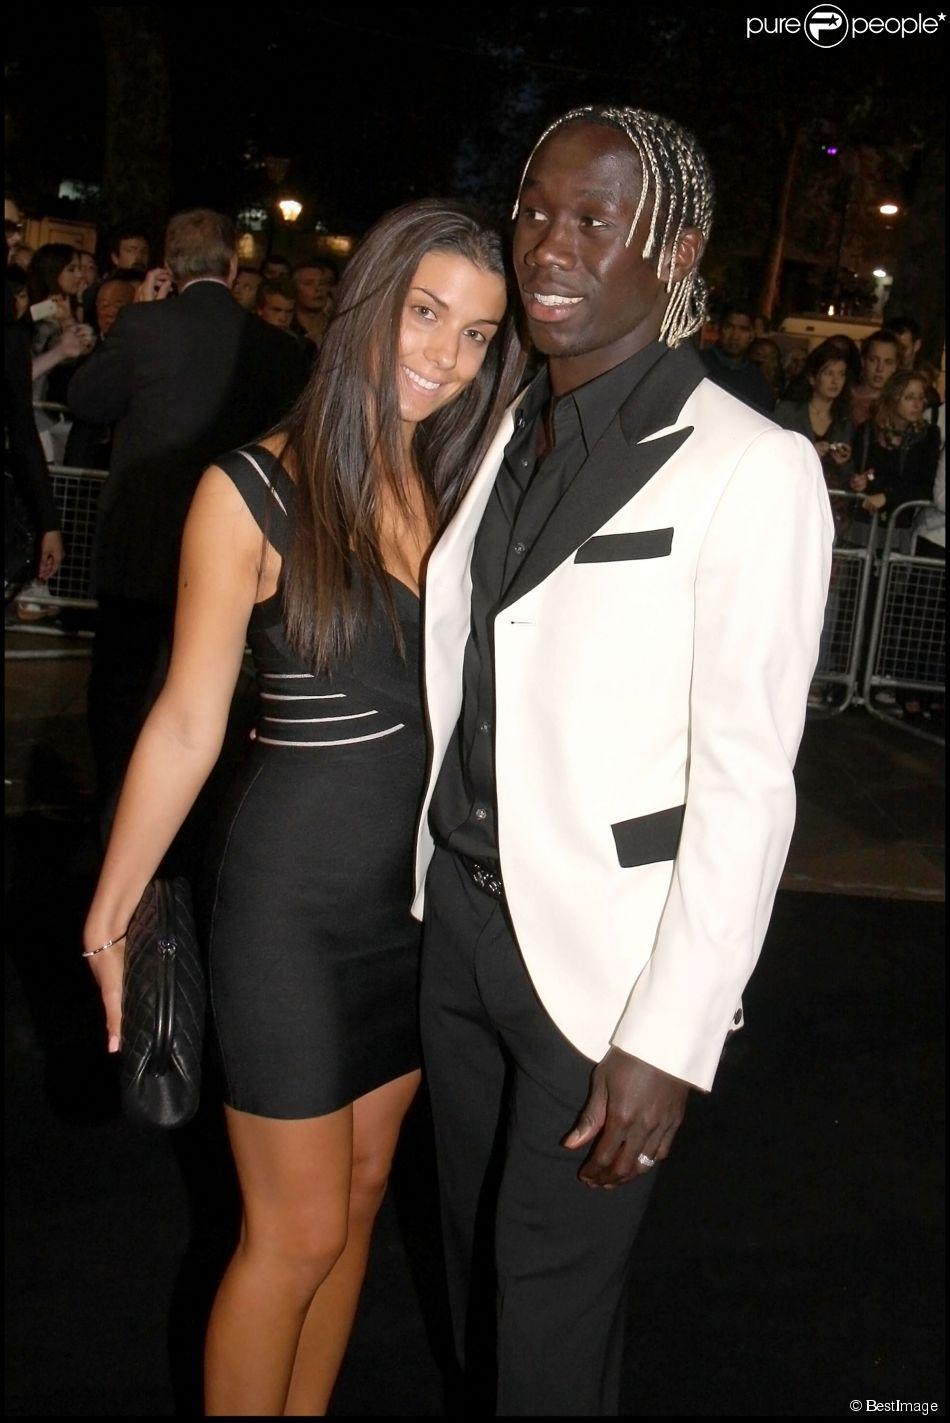 Bacary Sagna et son épouse Ludivine le 22 septembre 2010 lors de la Fashion week londonienne à Londres